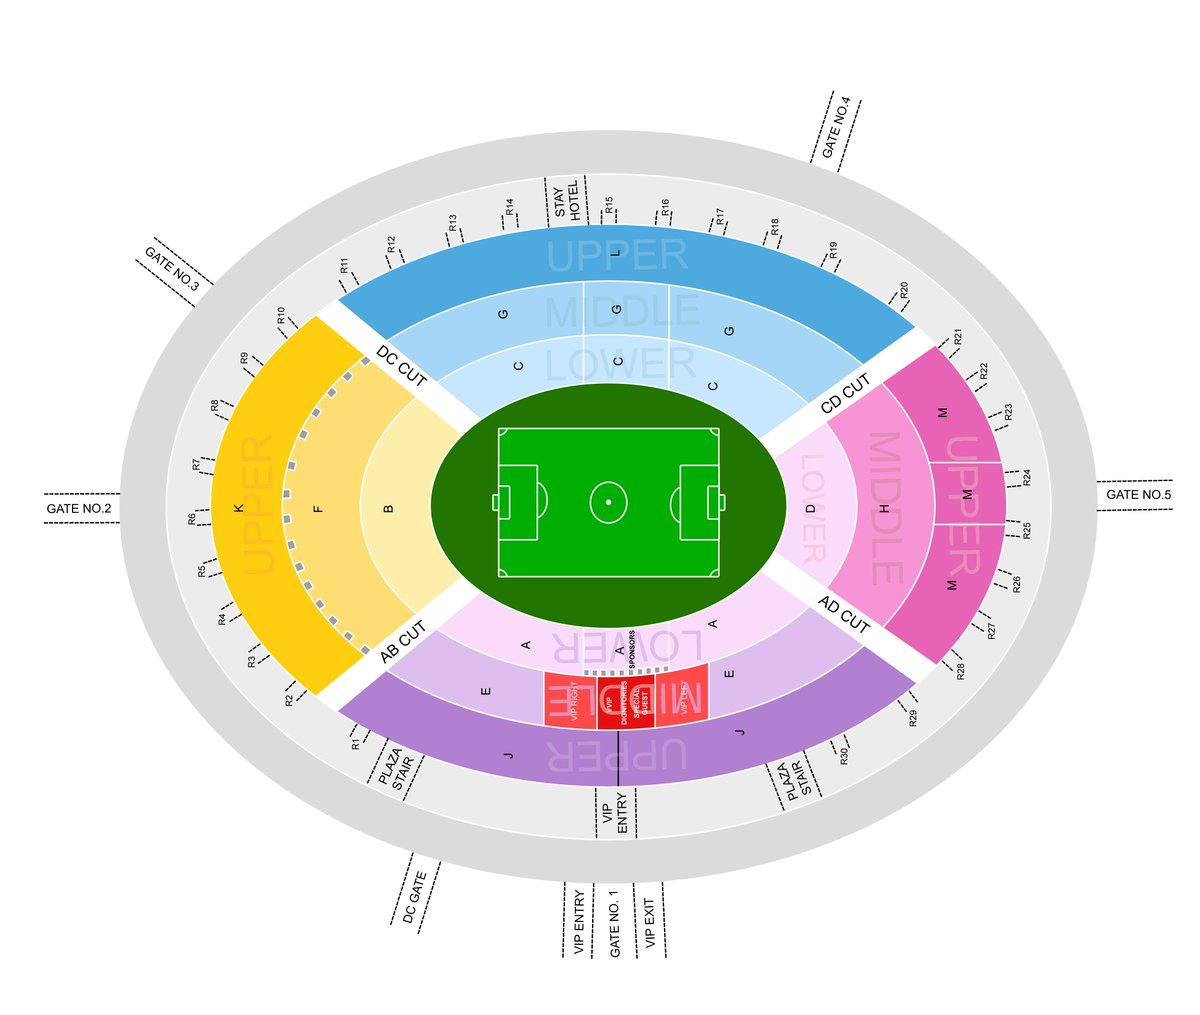 real salt lake stadium map East Bengal News Analysis On Twitter Typo The Seating Location real salt lake stadium map